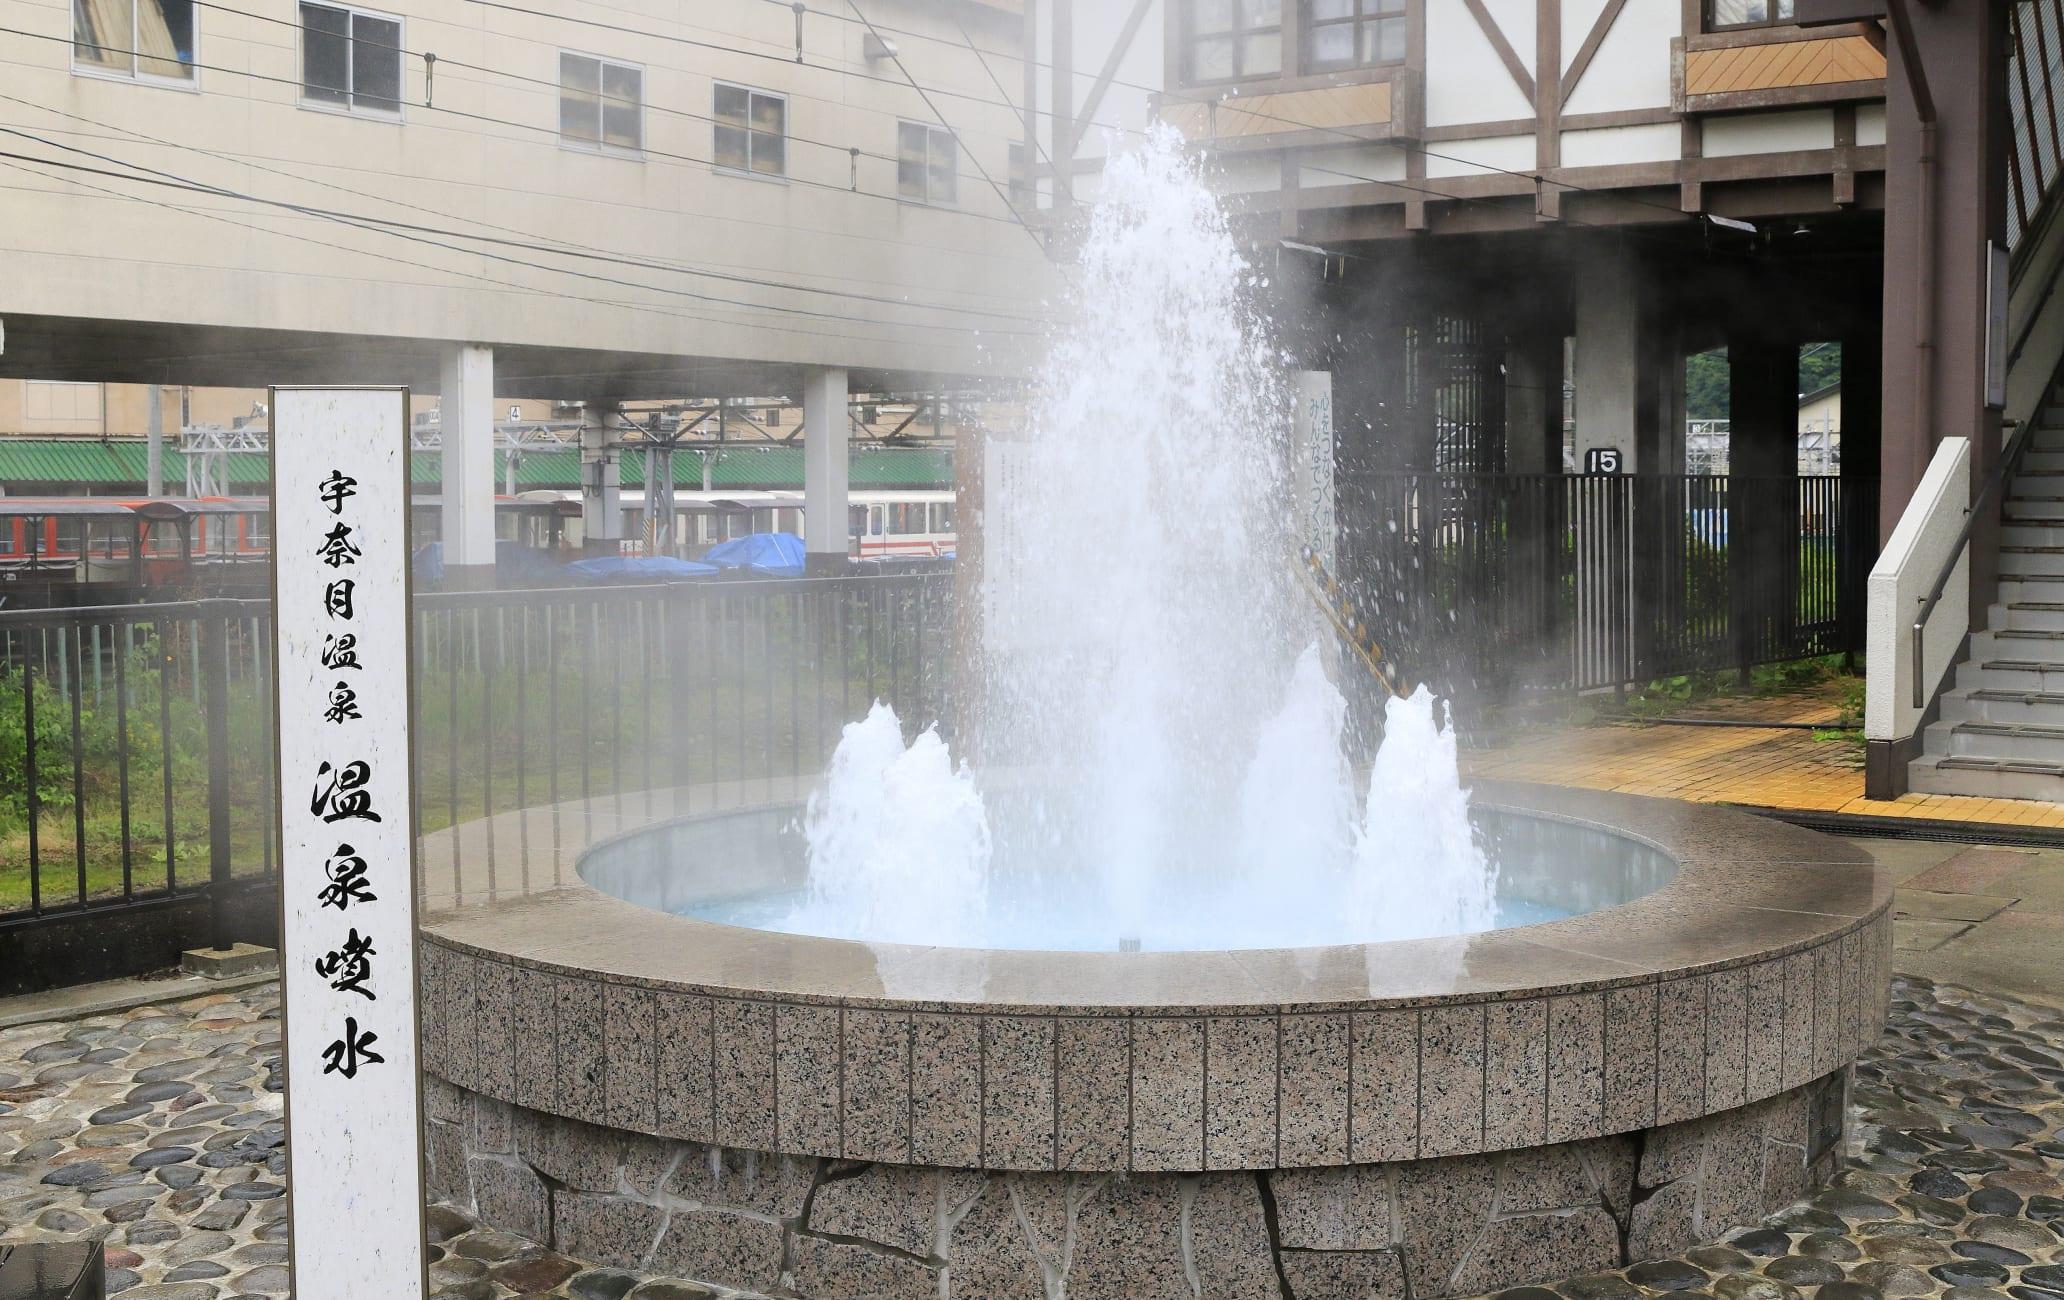 Unazuki-onsen hot springs